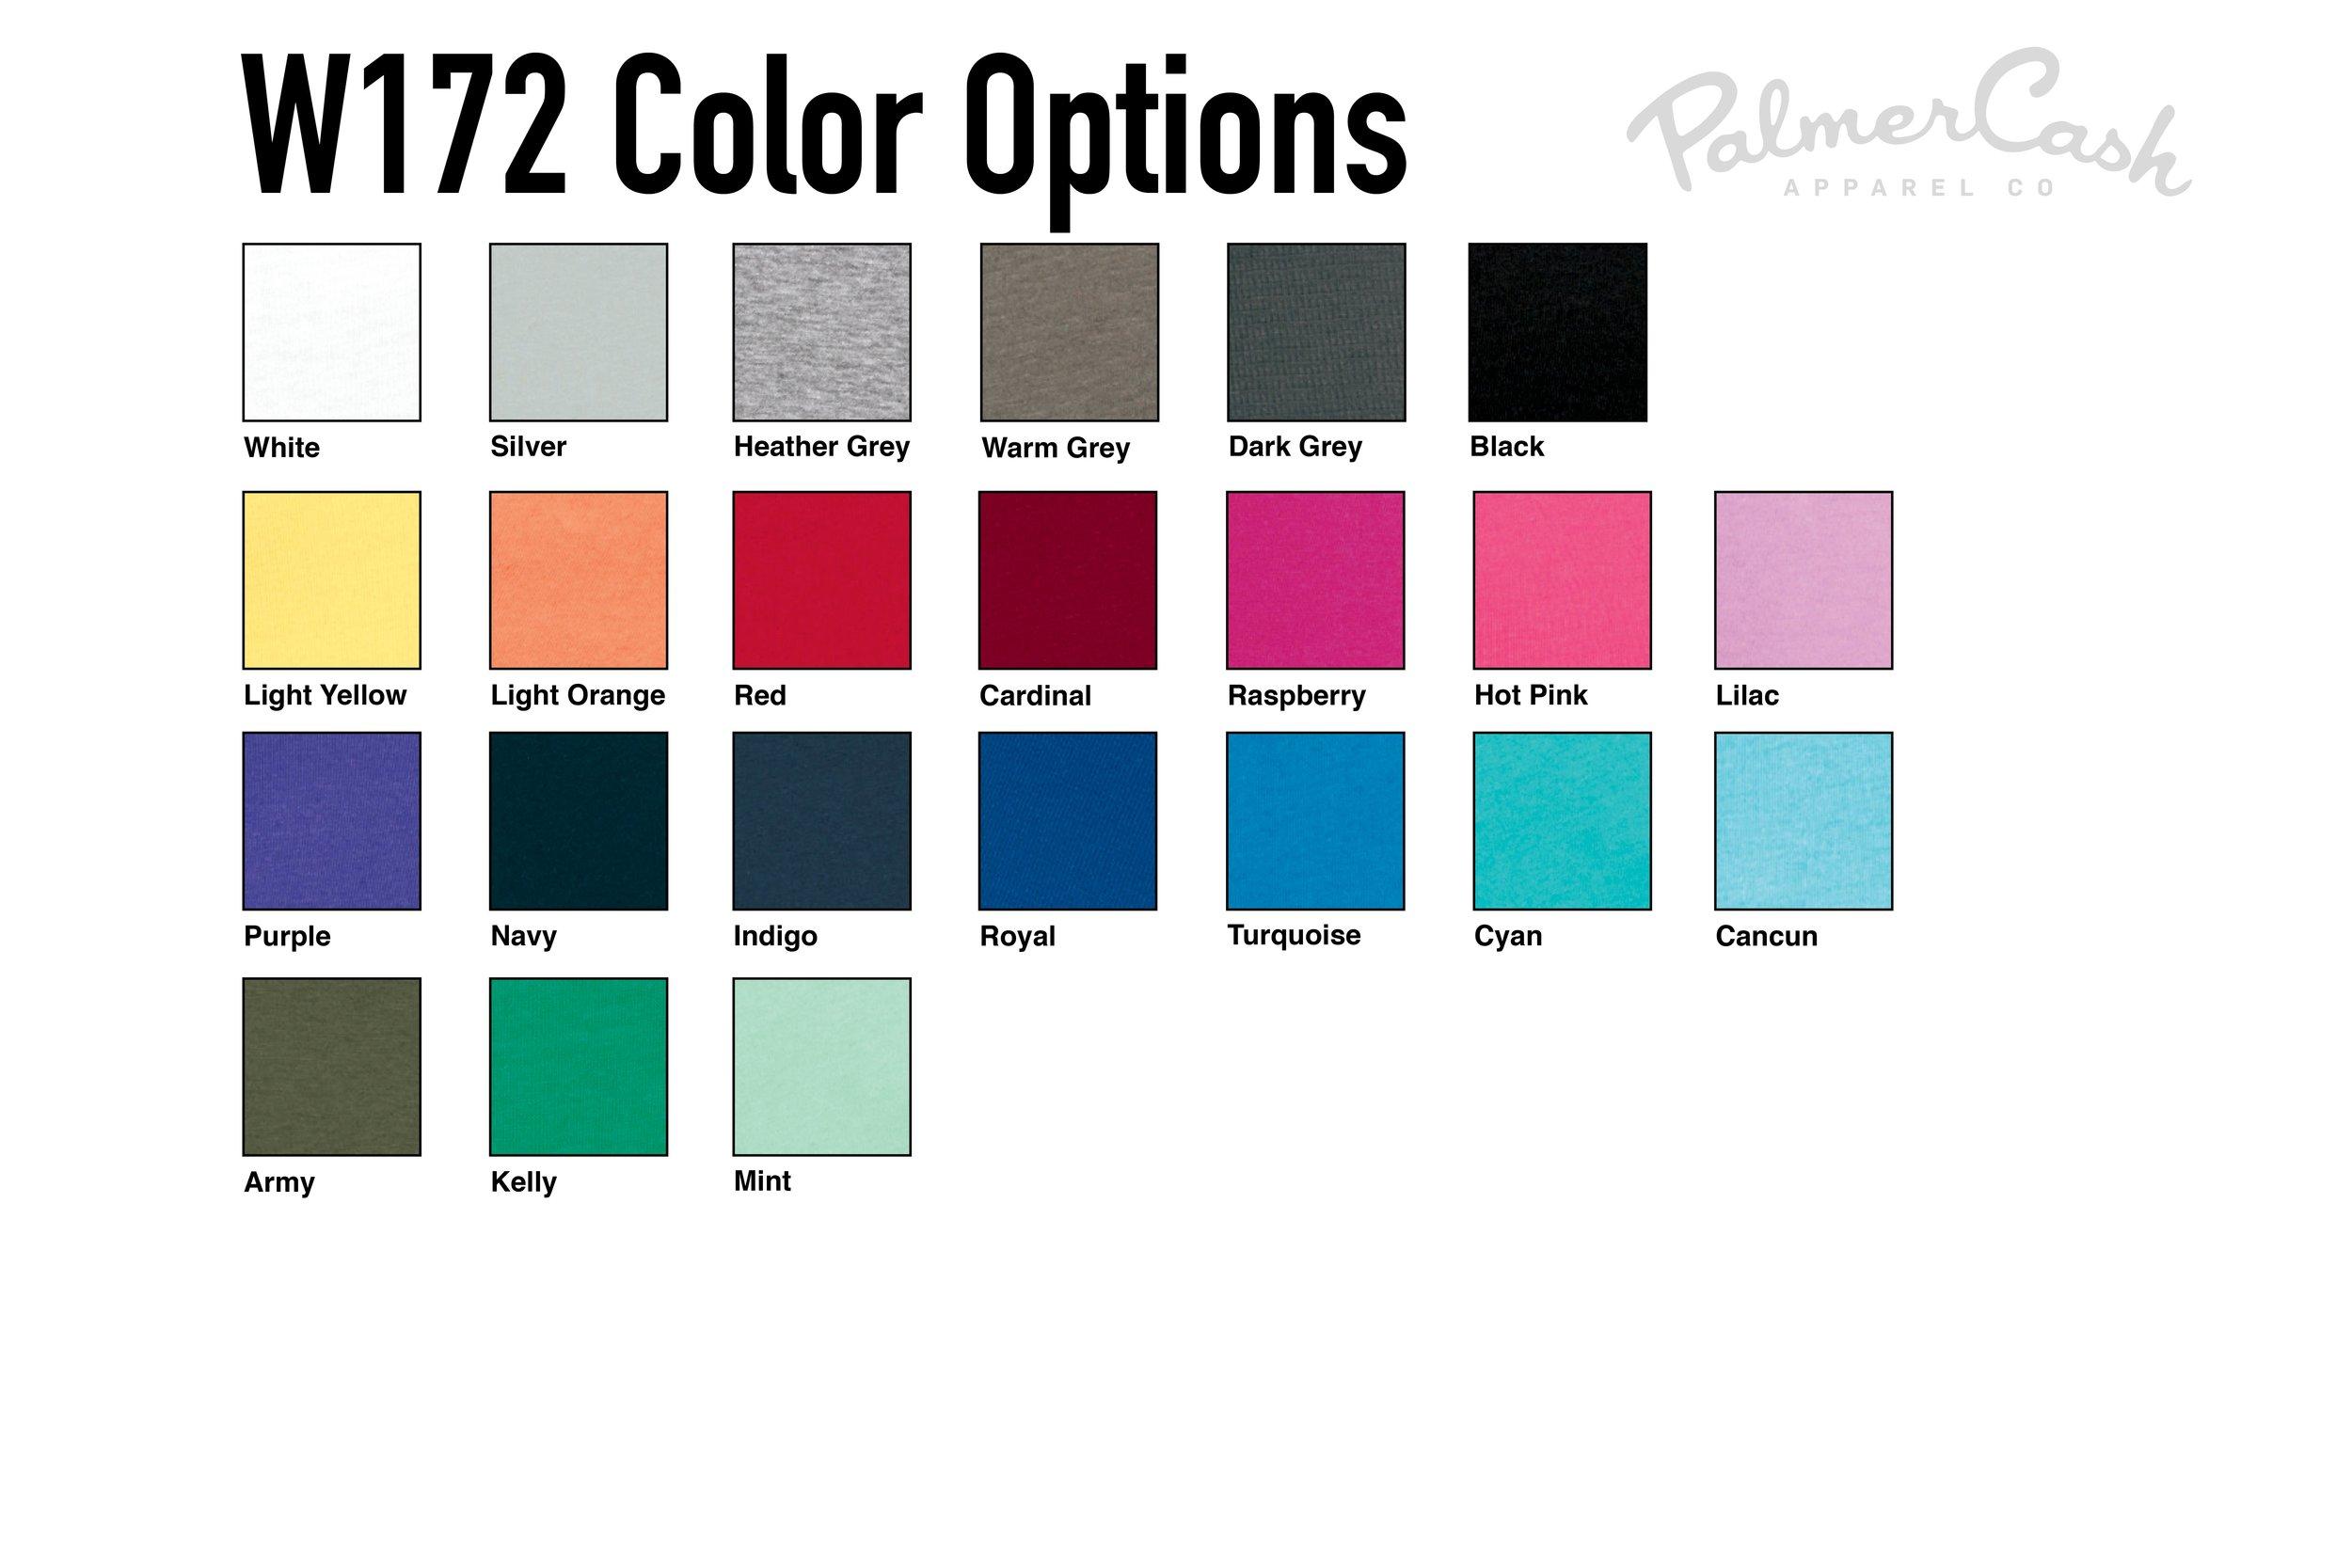 PC_W172_Color_Options_Web-01.jpg